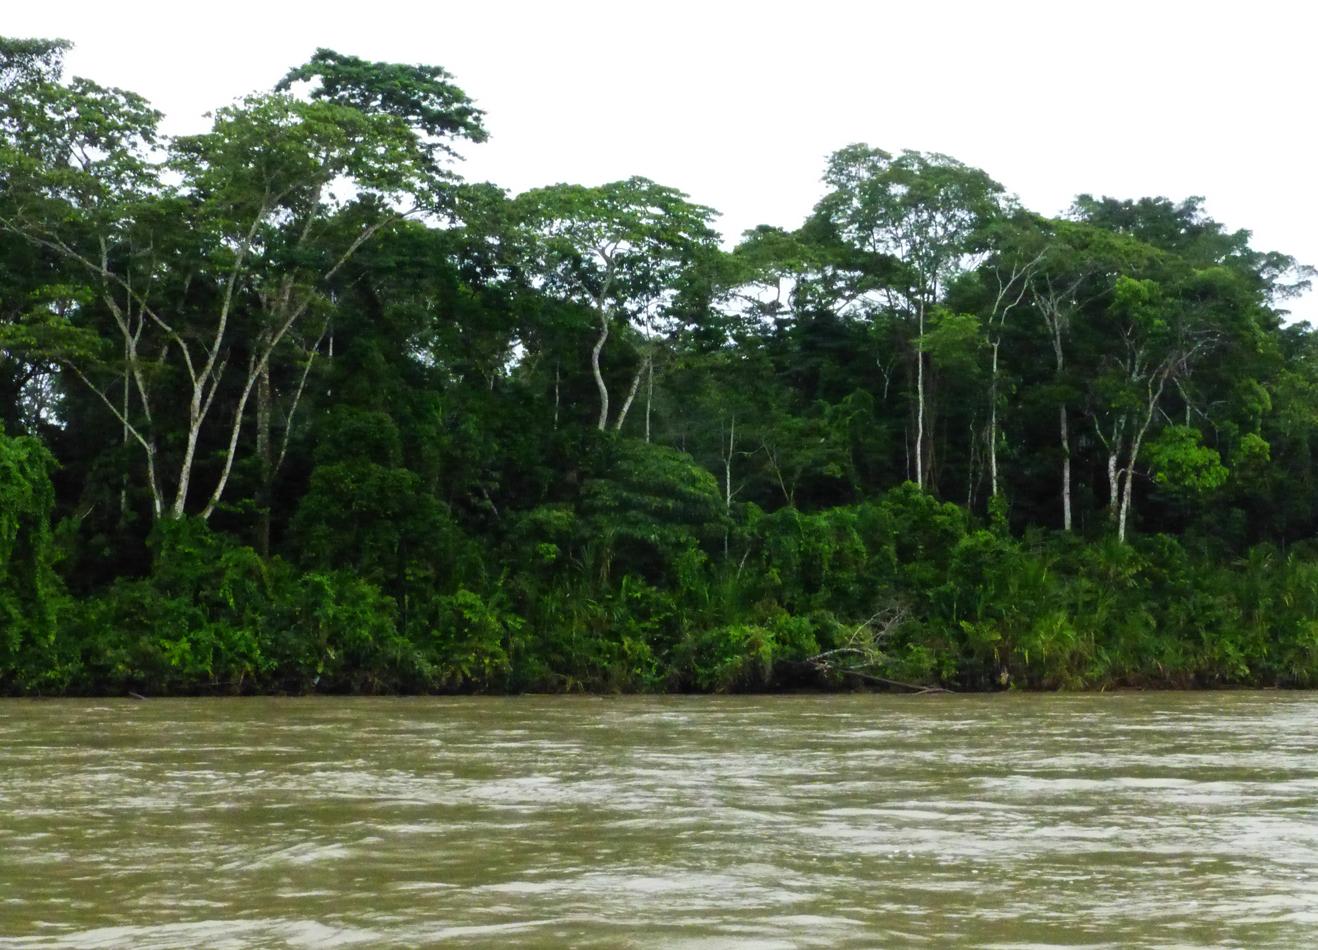 The Napo River